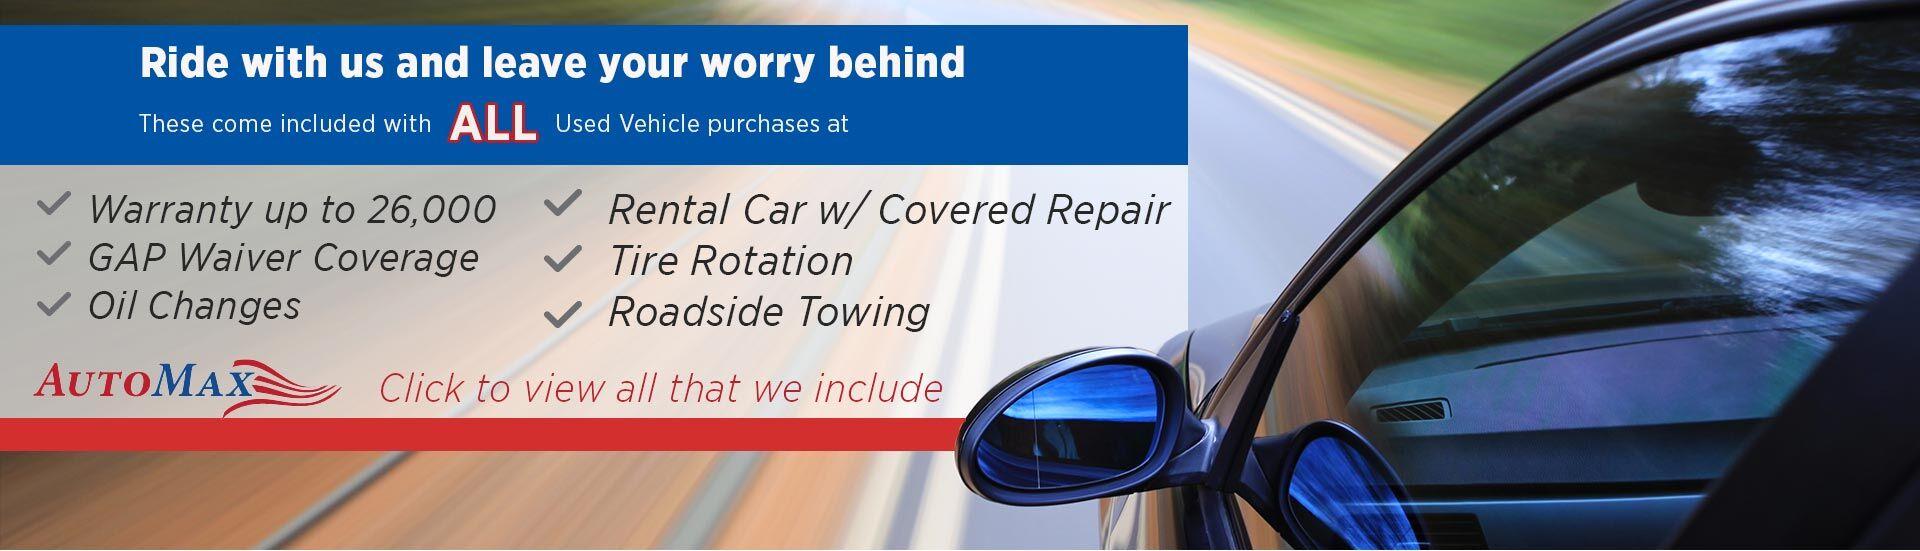 Sauls Motors Used Cars Bad Credit Special Financing ...